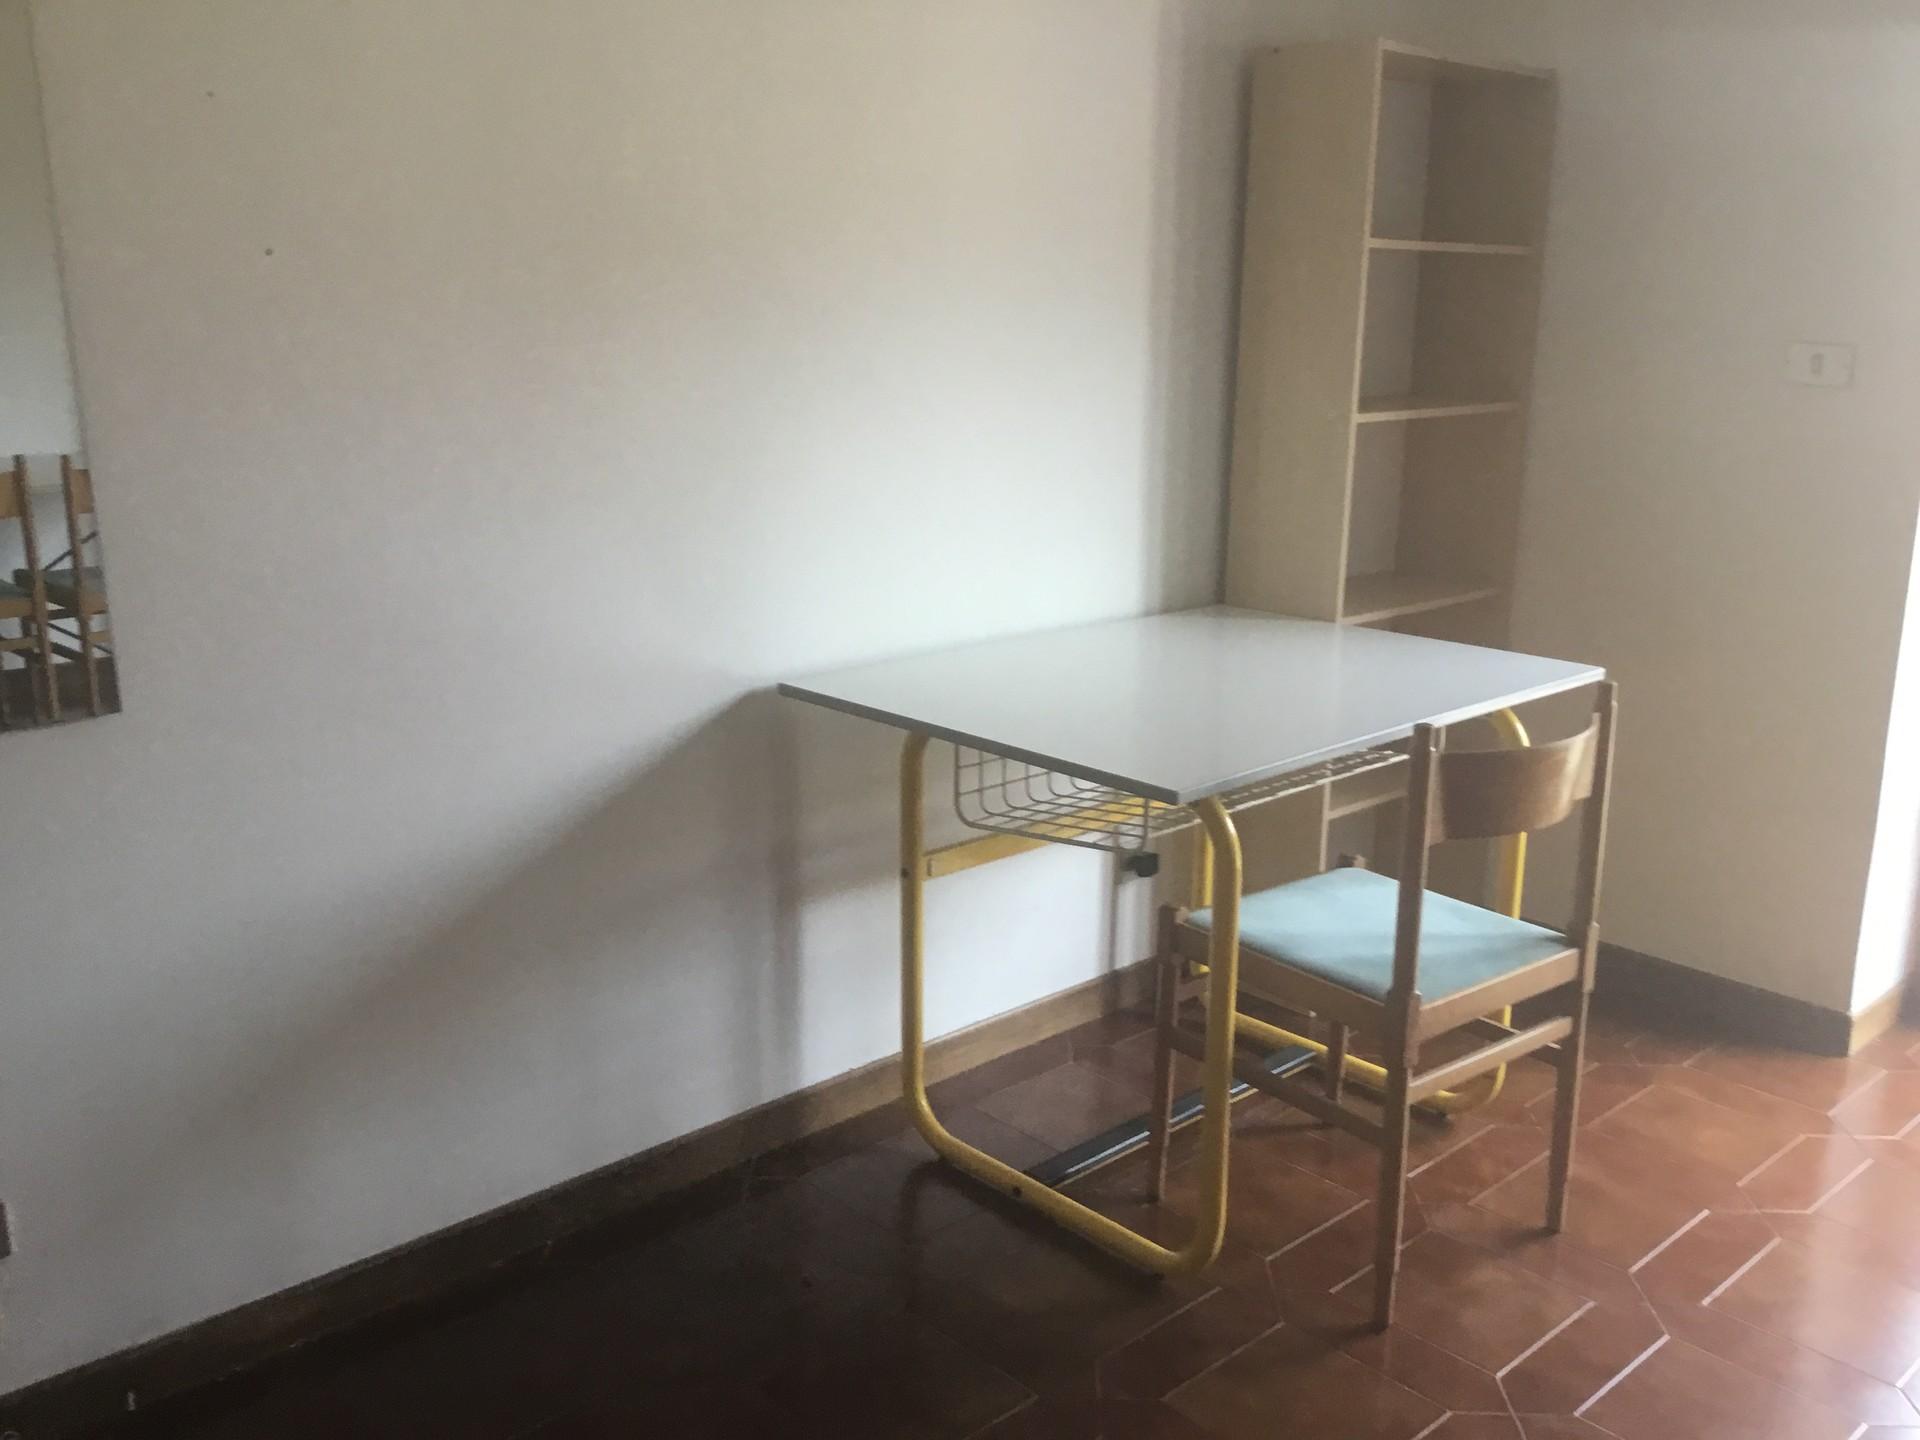 Stanza singola di 20 mq a ovest, molto luminosa con balcone, armadio,  scrivania e libreria